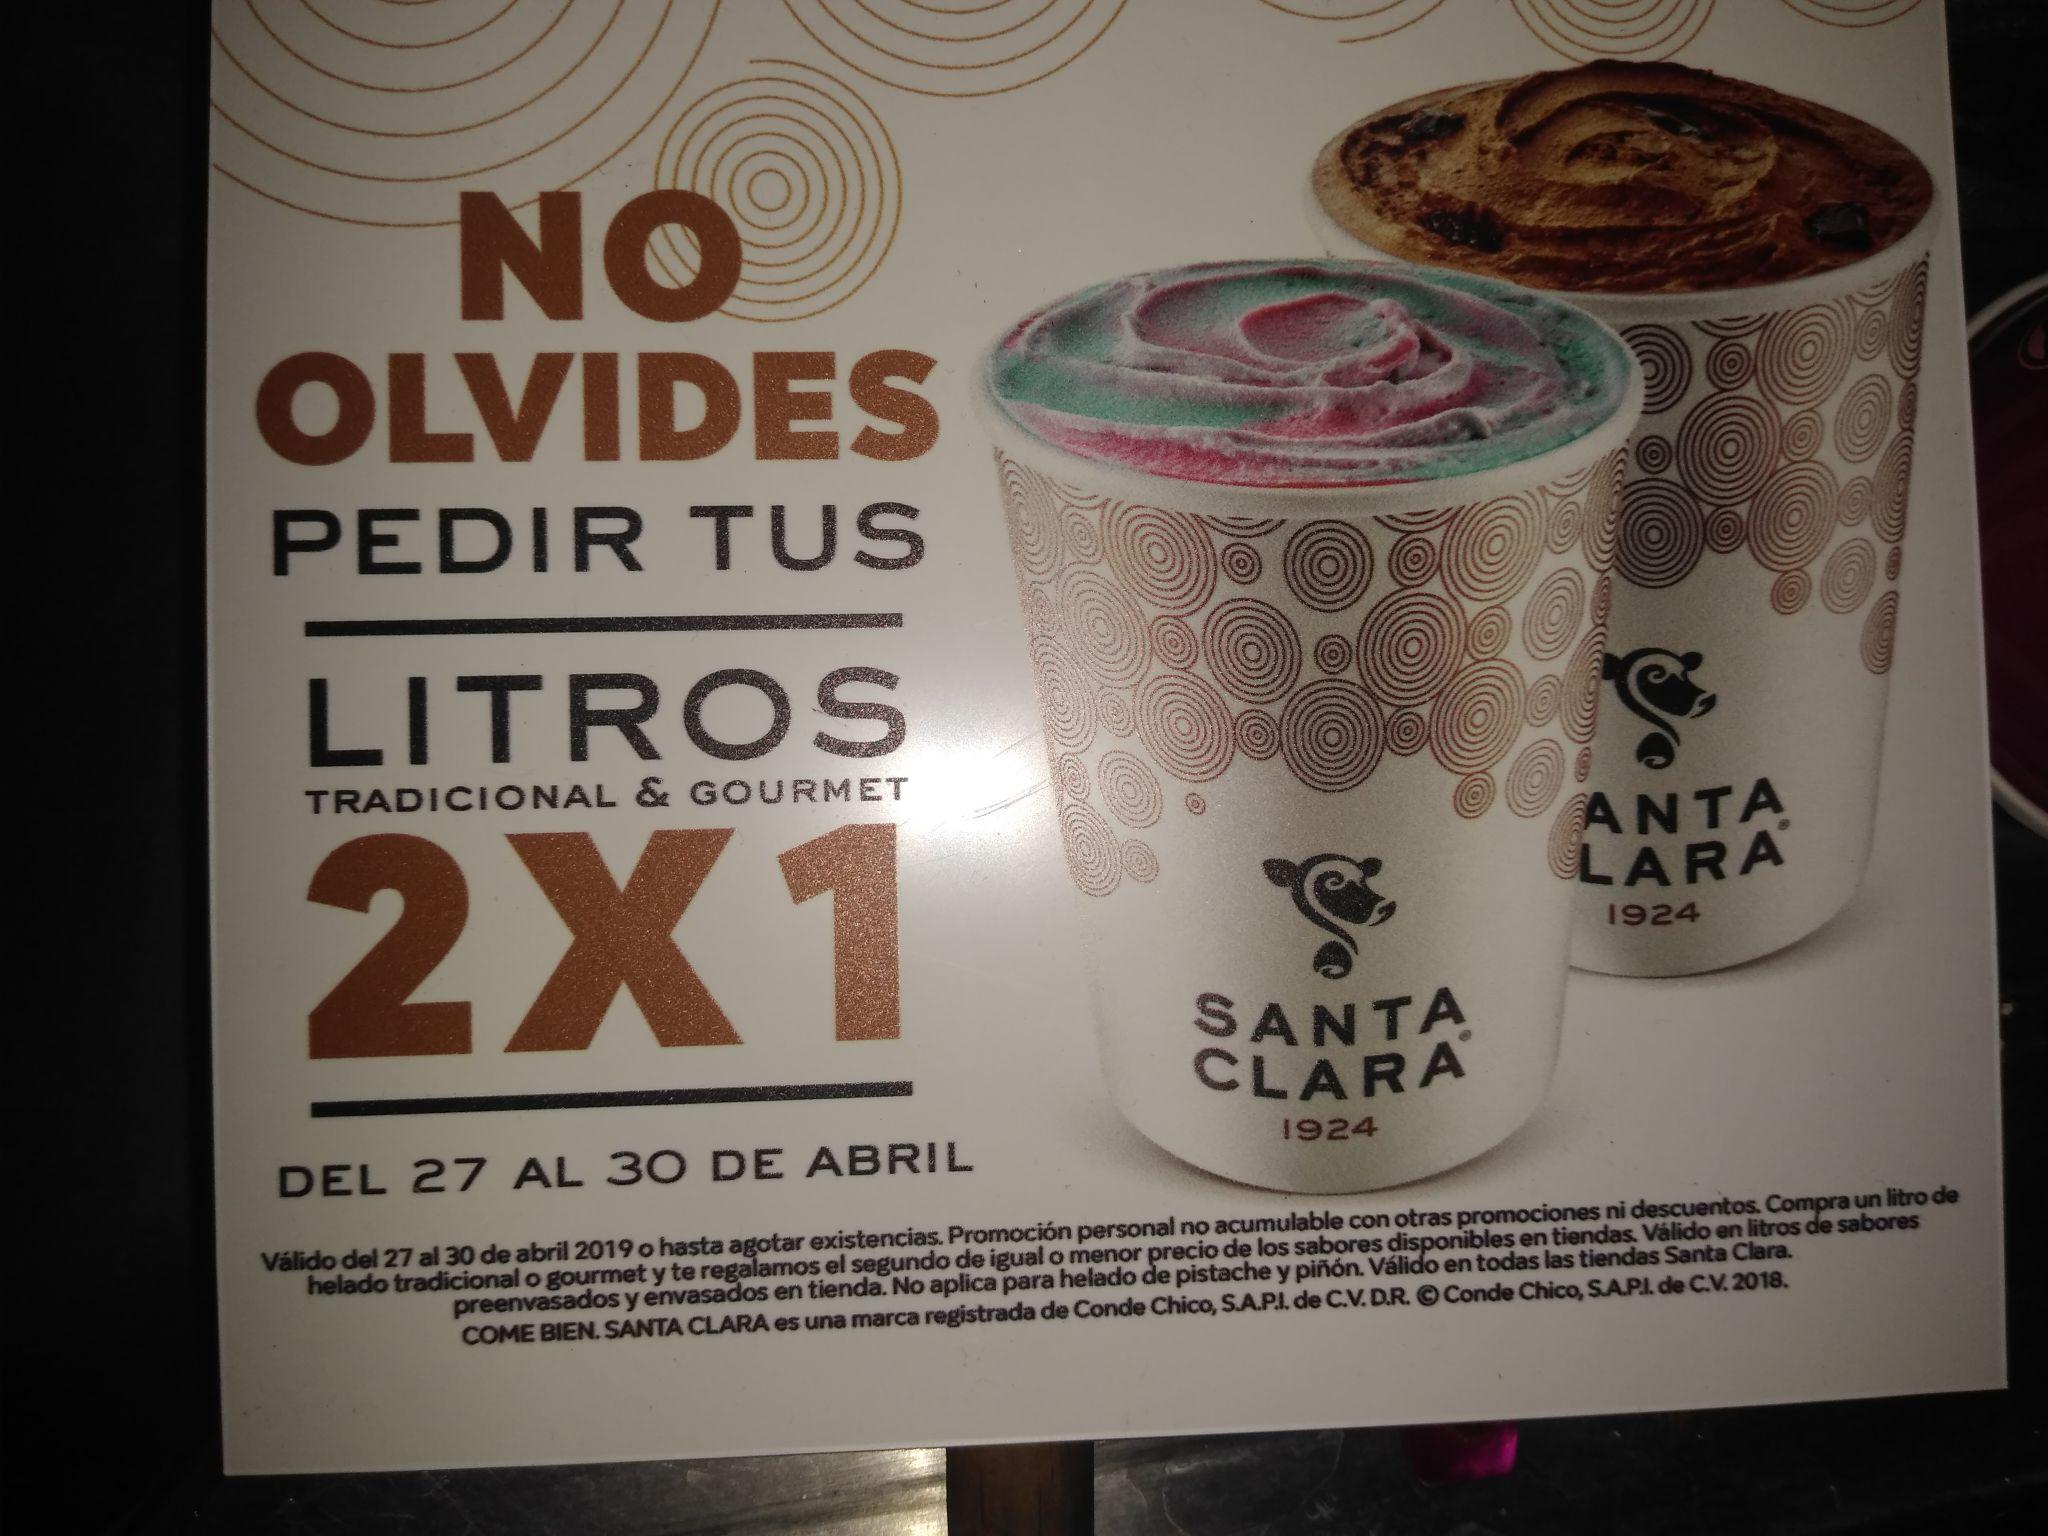 Santa Clara: Litros de helado al 2x1